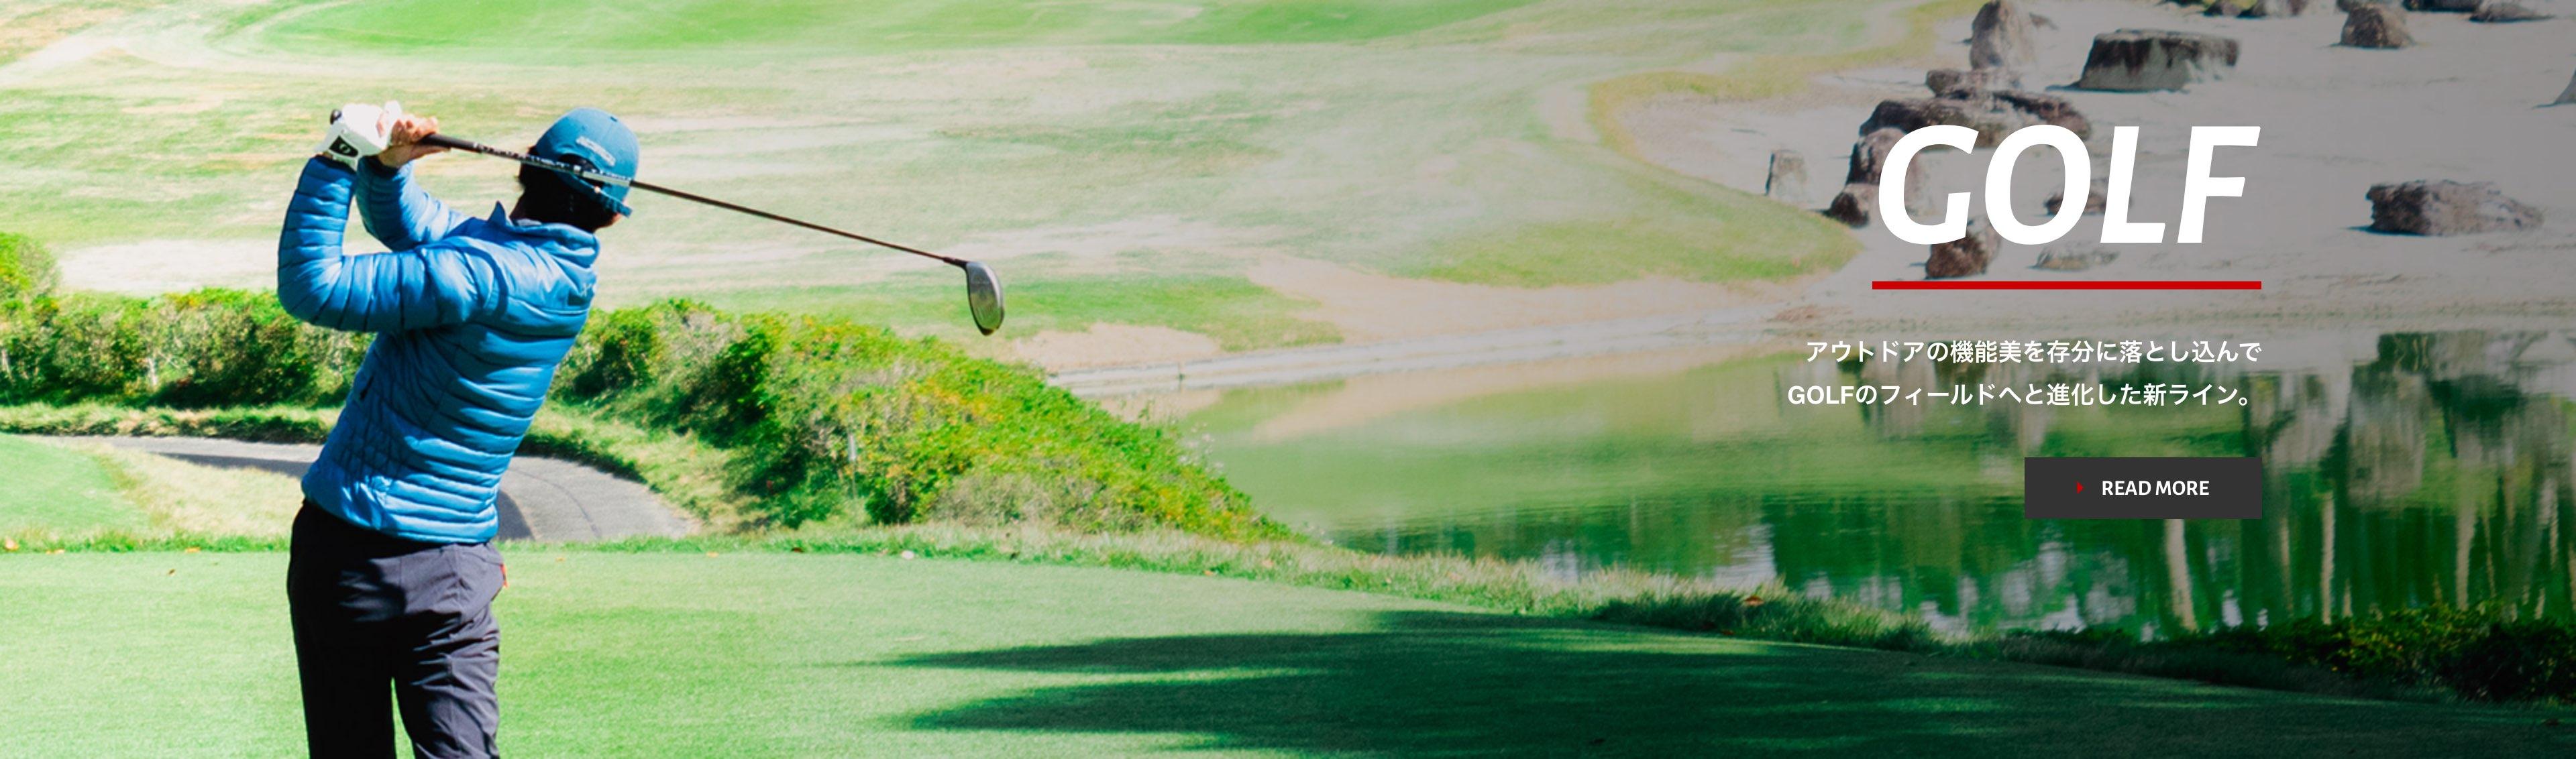 /top_golf_mv_pc.jpg